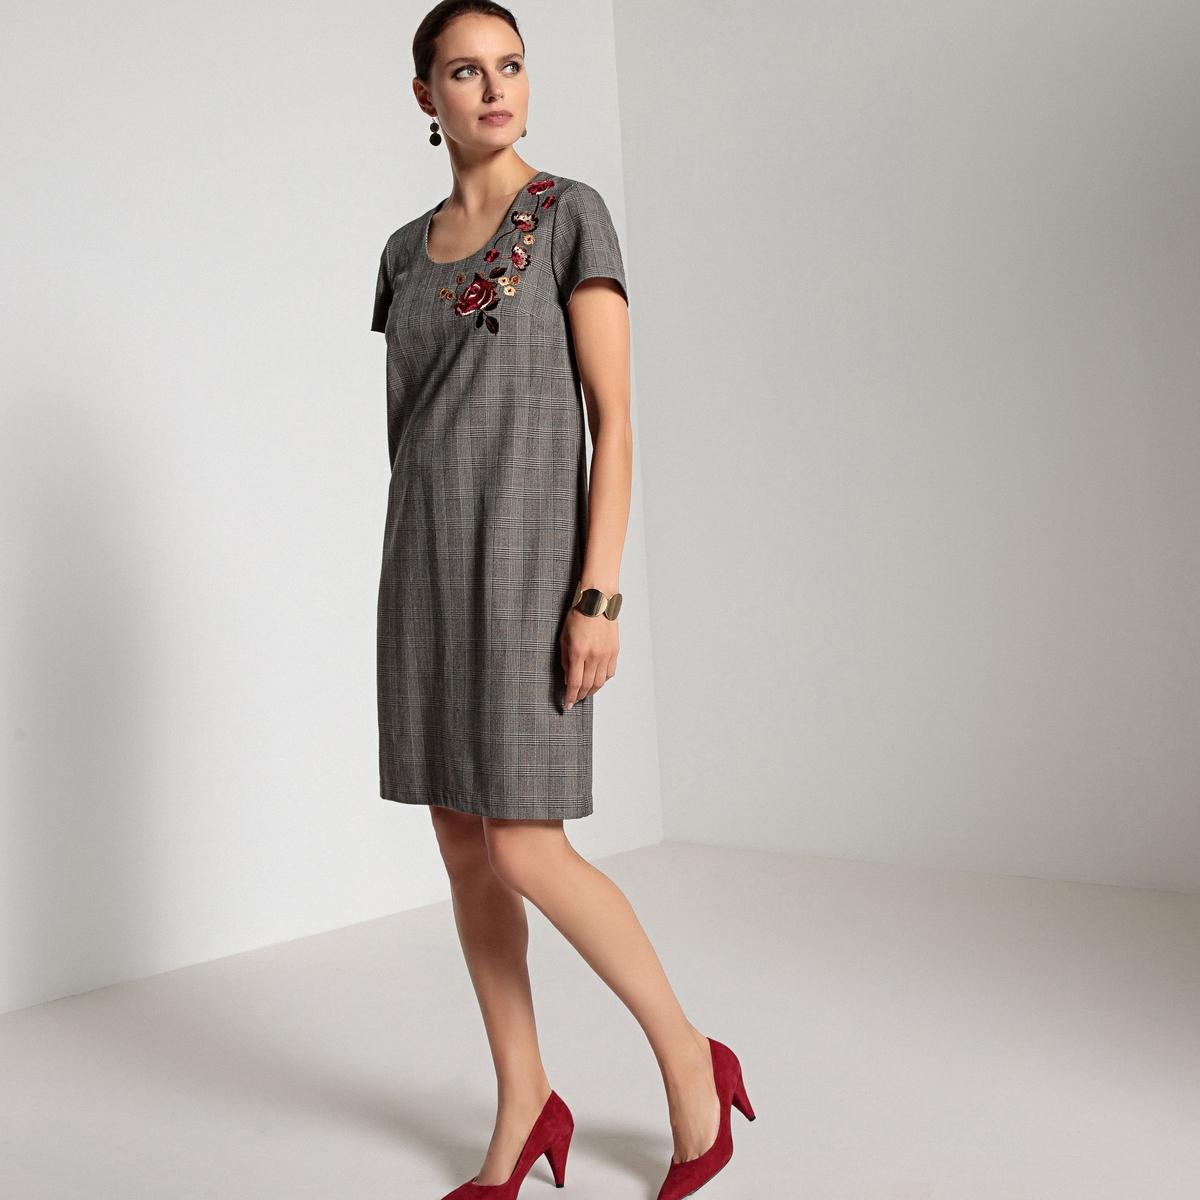 Платье прямое с принтом, вышивкой, и длинными рукавами ANNE WEYBURN